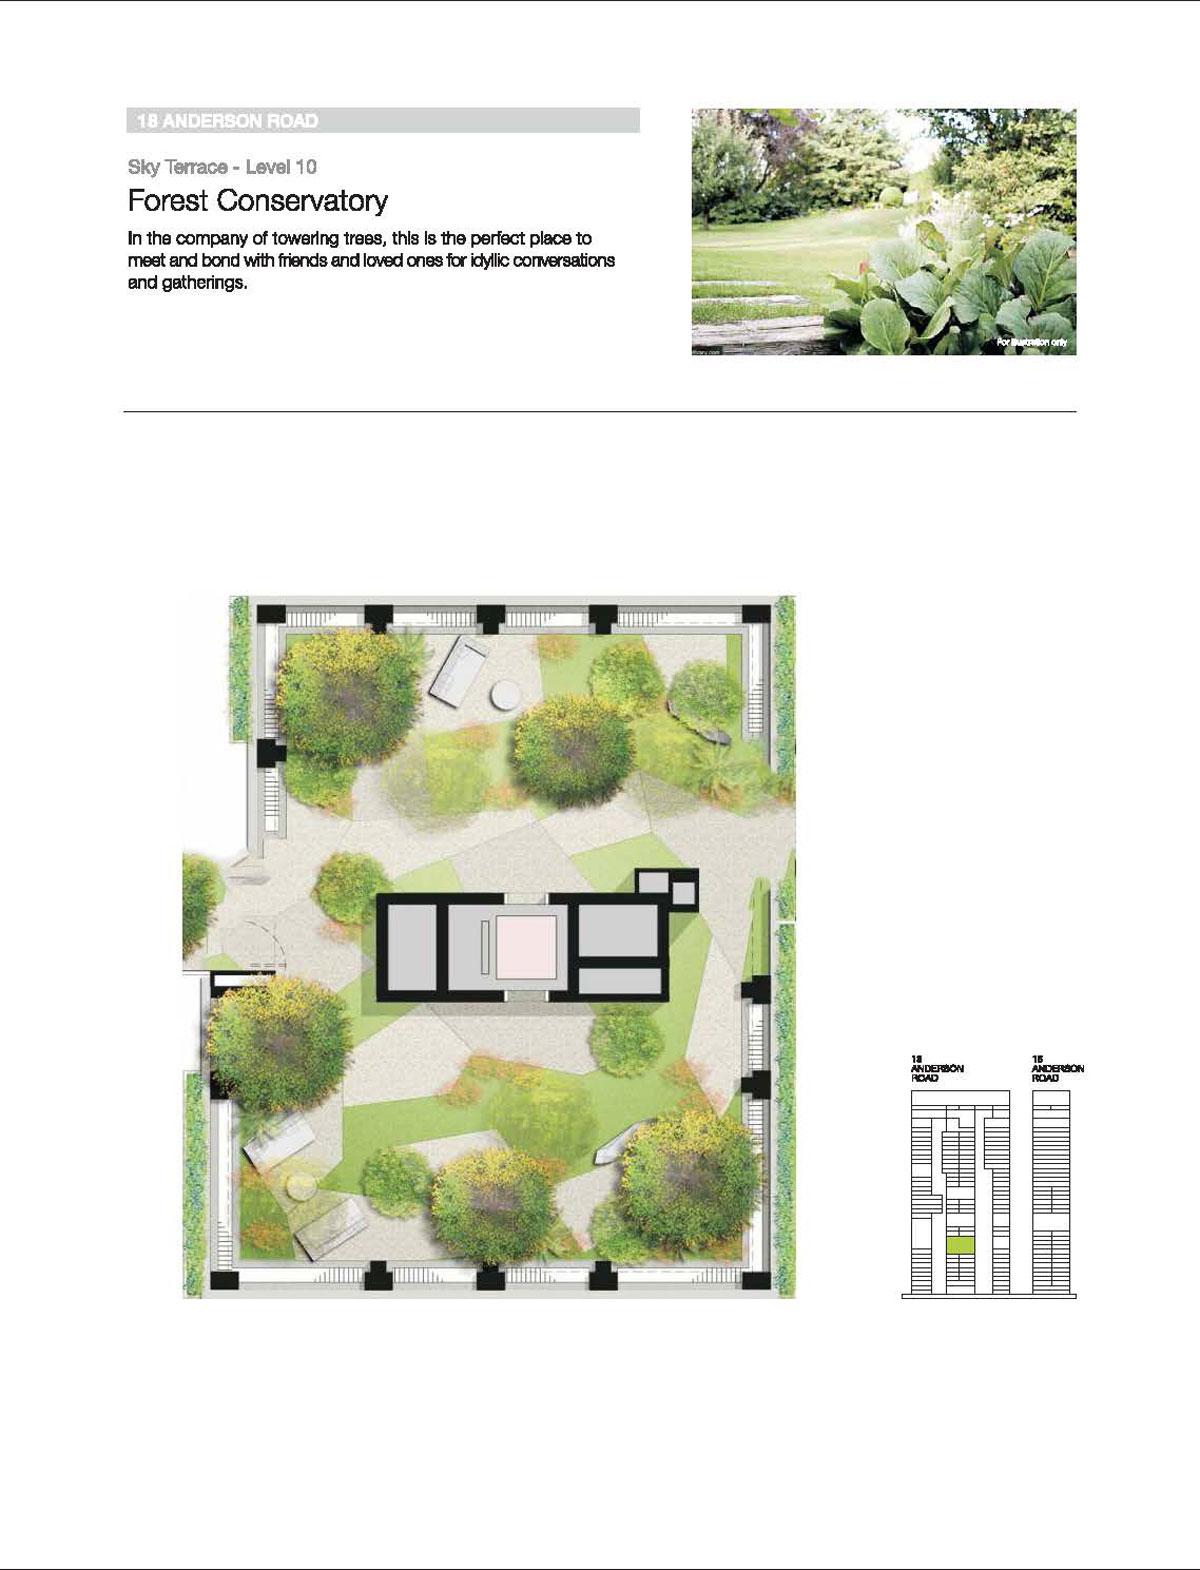 Nouvel-18-Site-Plan3.jpg